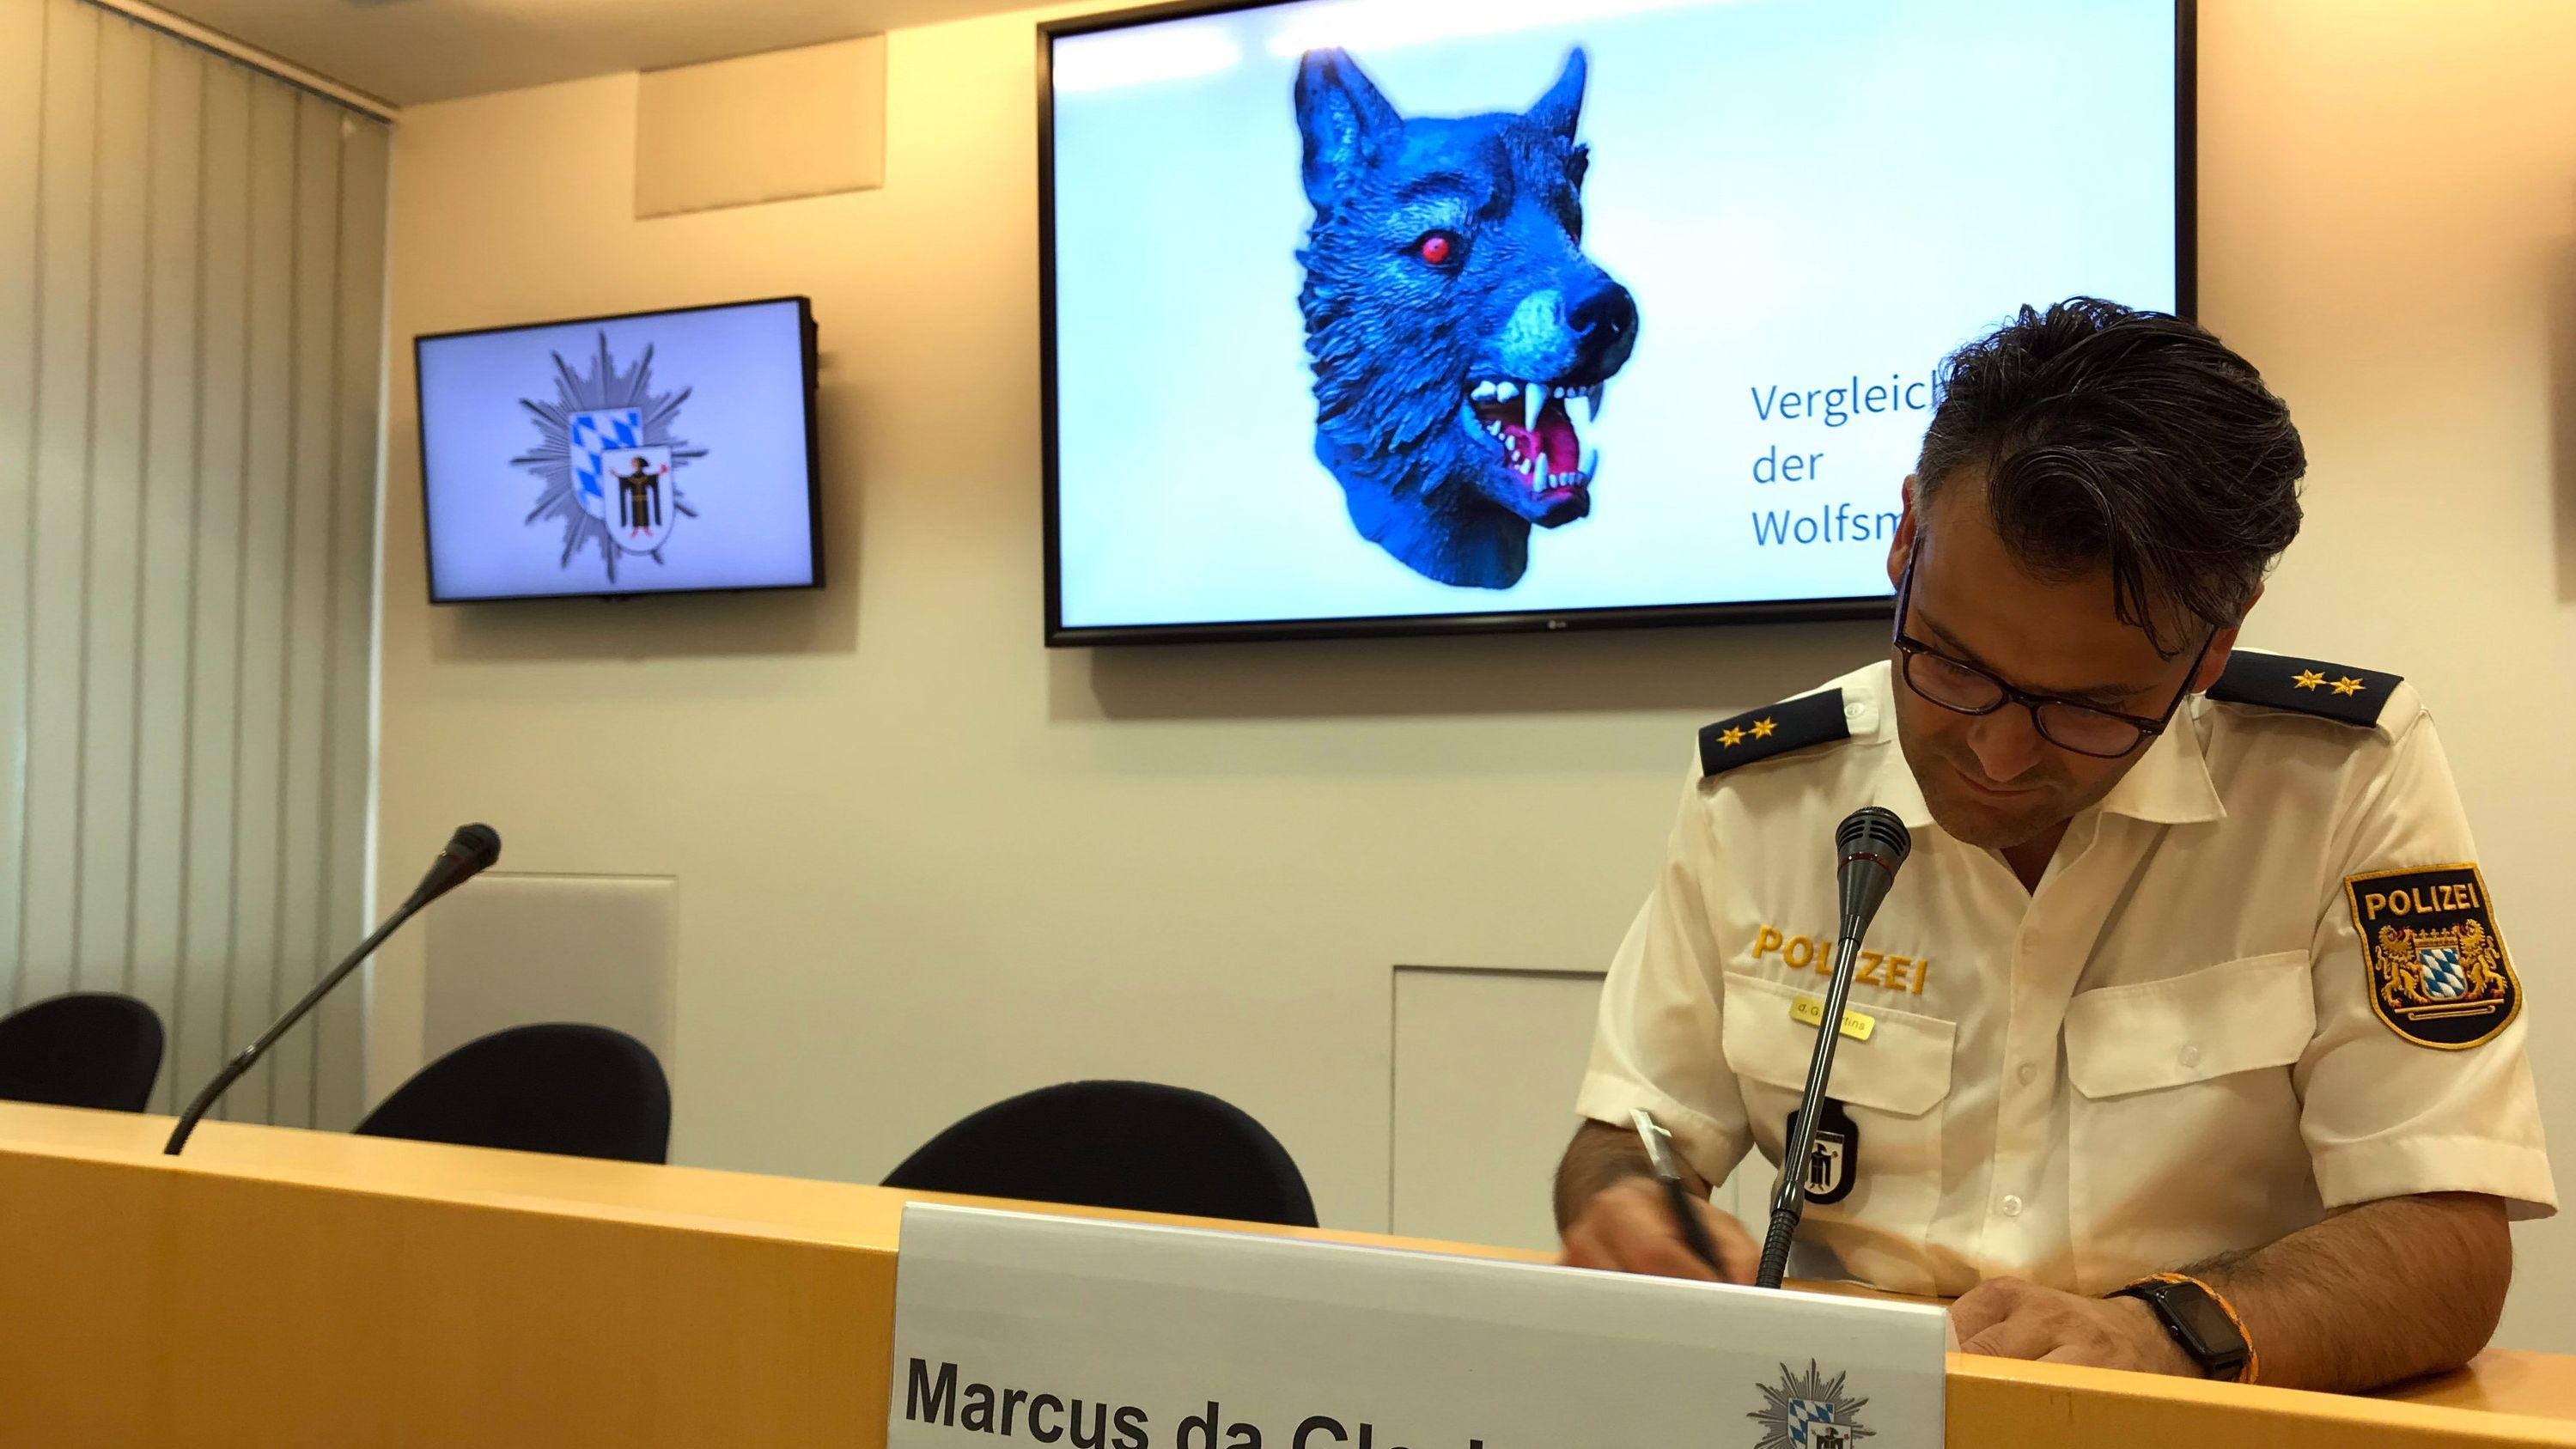 Marcus da Gloria Martins, Sprecher der Münchner Polizei, sitzt vor einem Bildschirm auf dem die Polizei ein Vergleichsbild einer Wolfsmaske präsentiert .